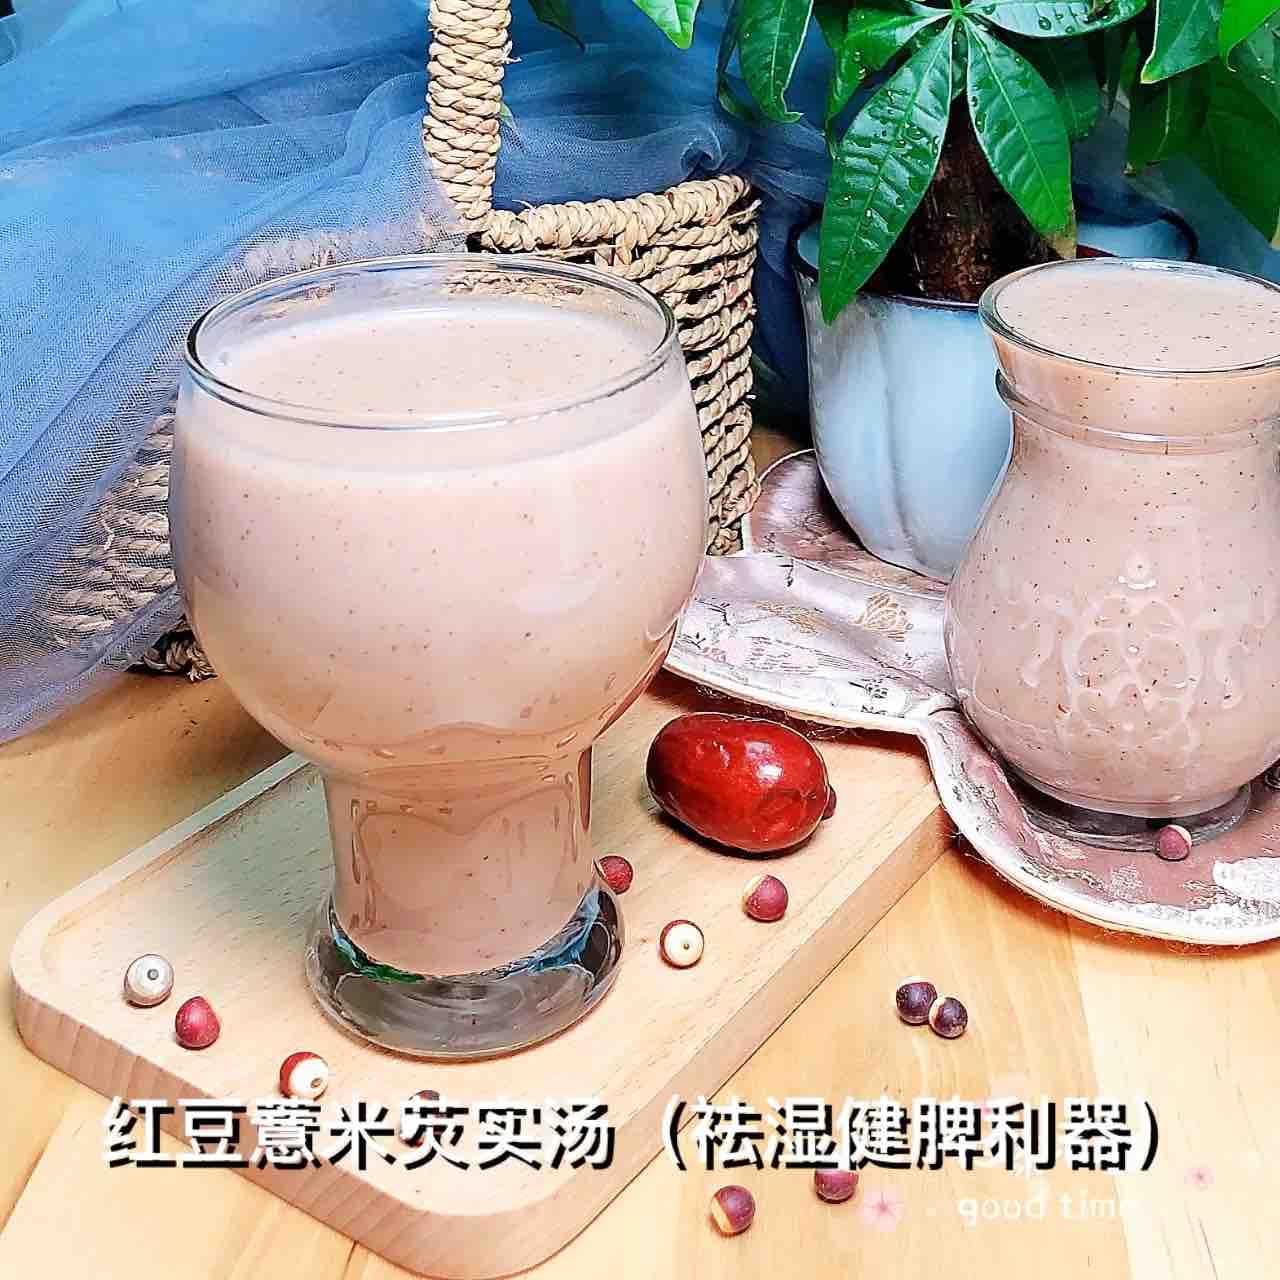 红豆薏米芡实汤(祛湿健脾利器)